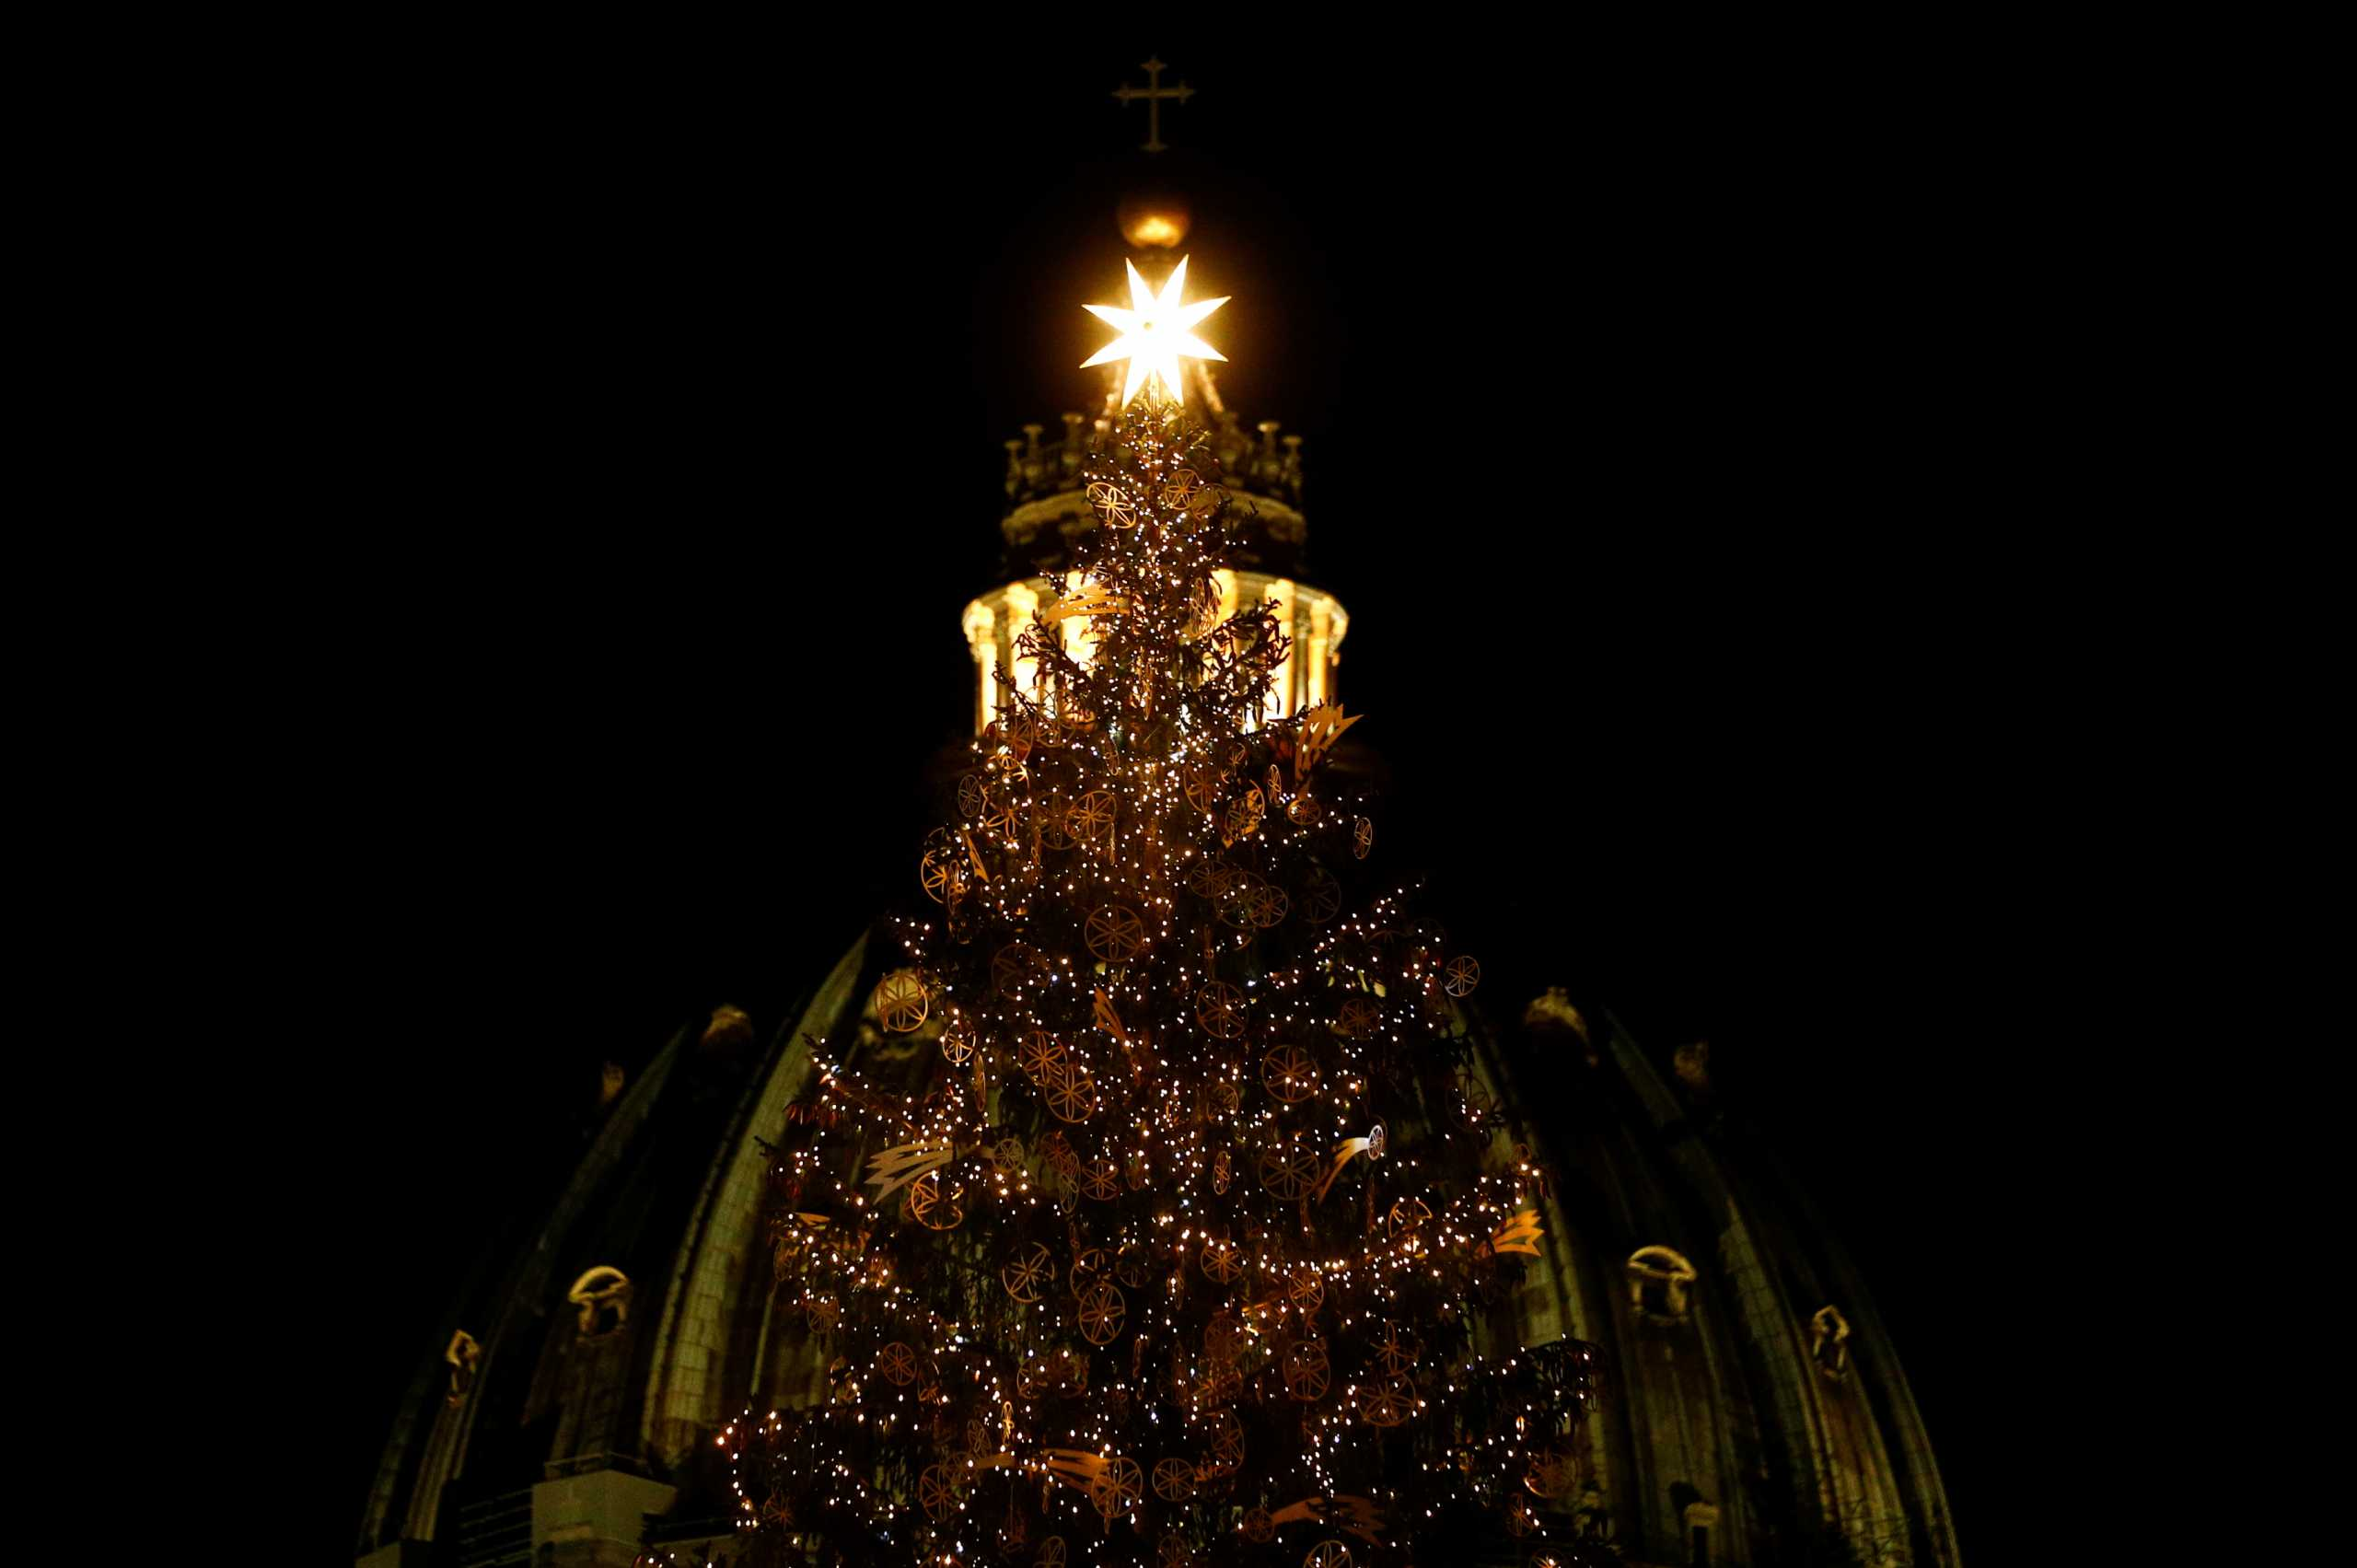 Εντυπωσιακές εικόνες στο Βατικανό: Φωτίστηκαν το χριστουγεννιάτικο δέντρο και η φάτνη (pics)